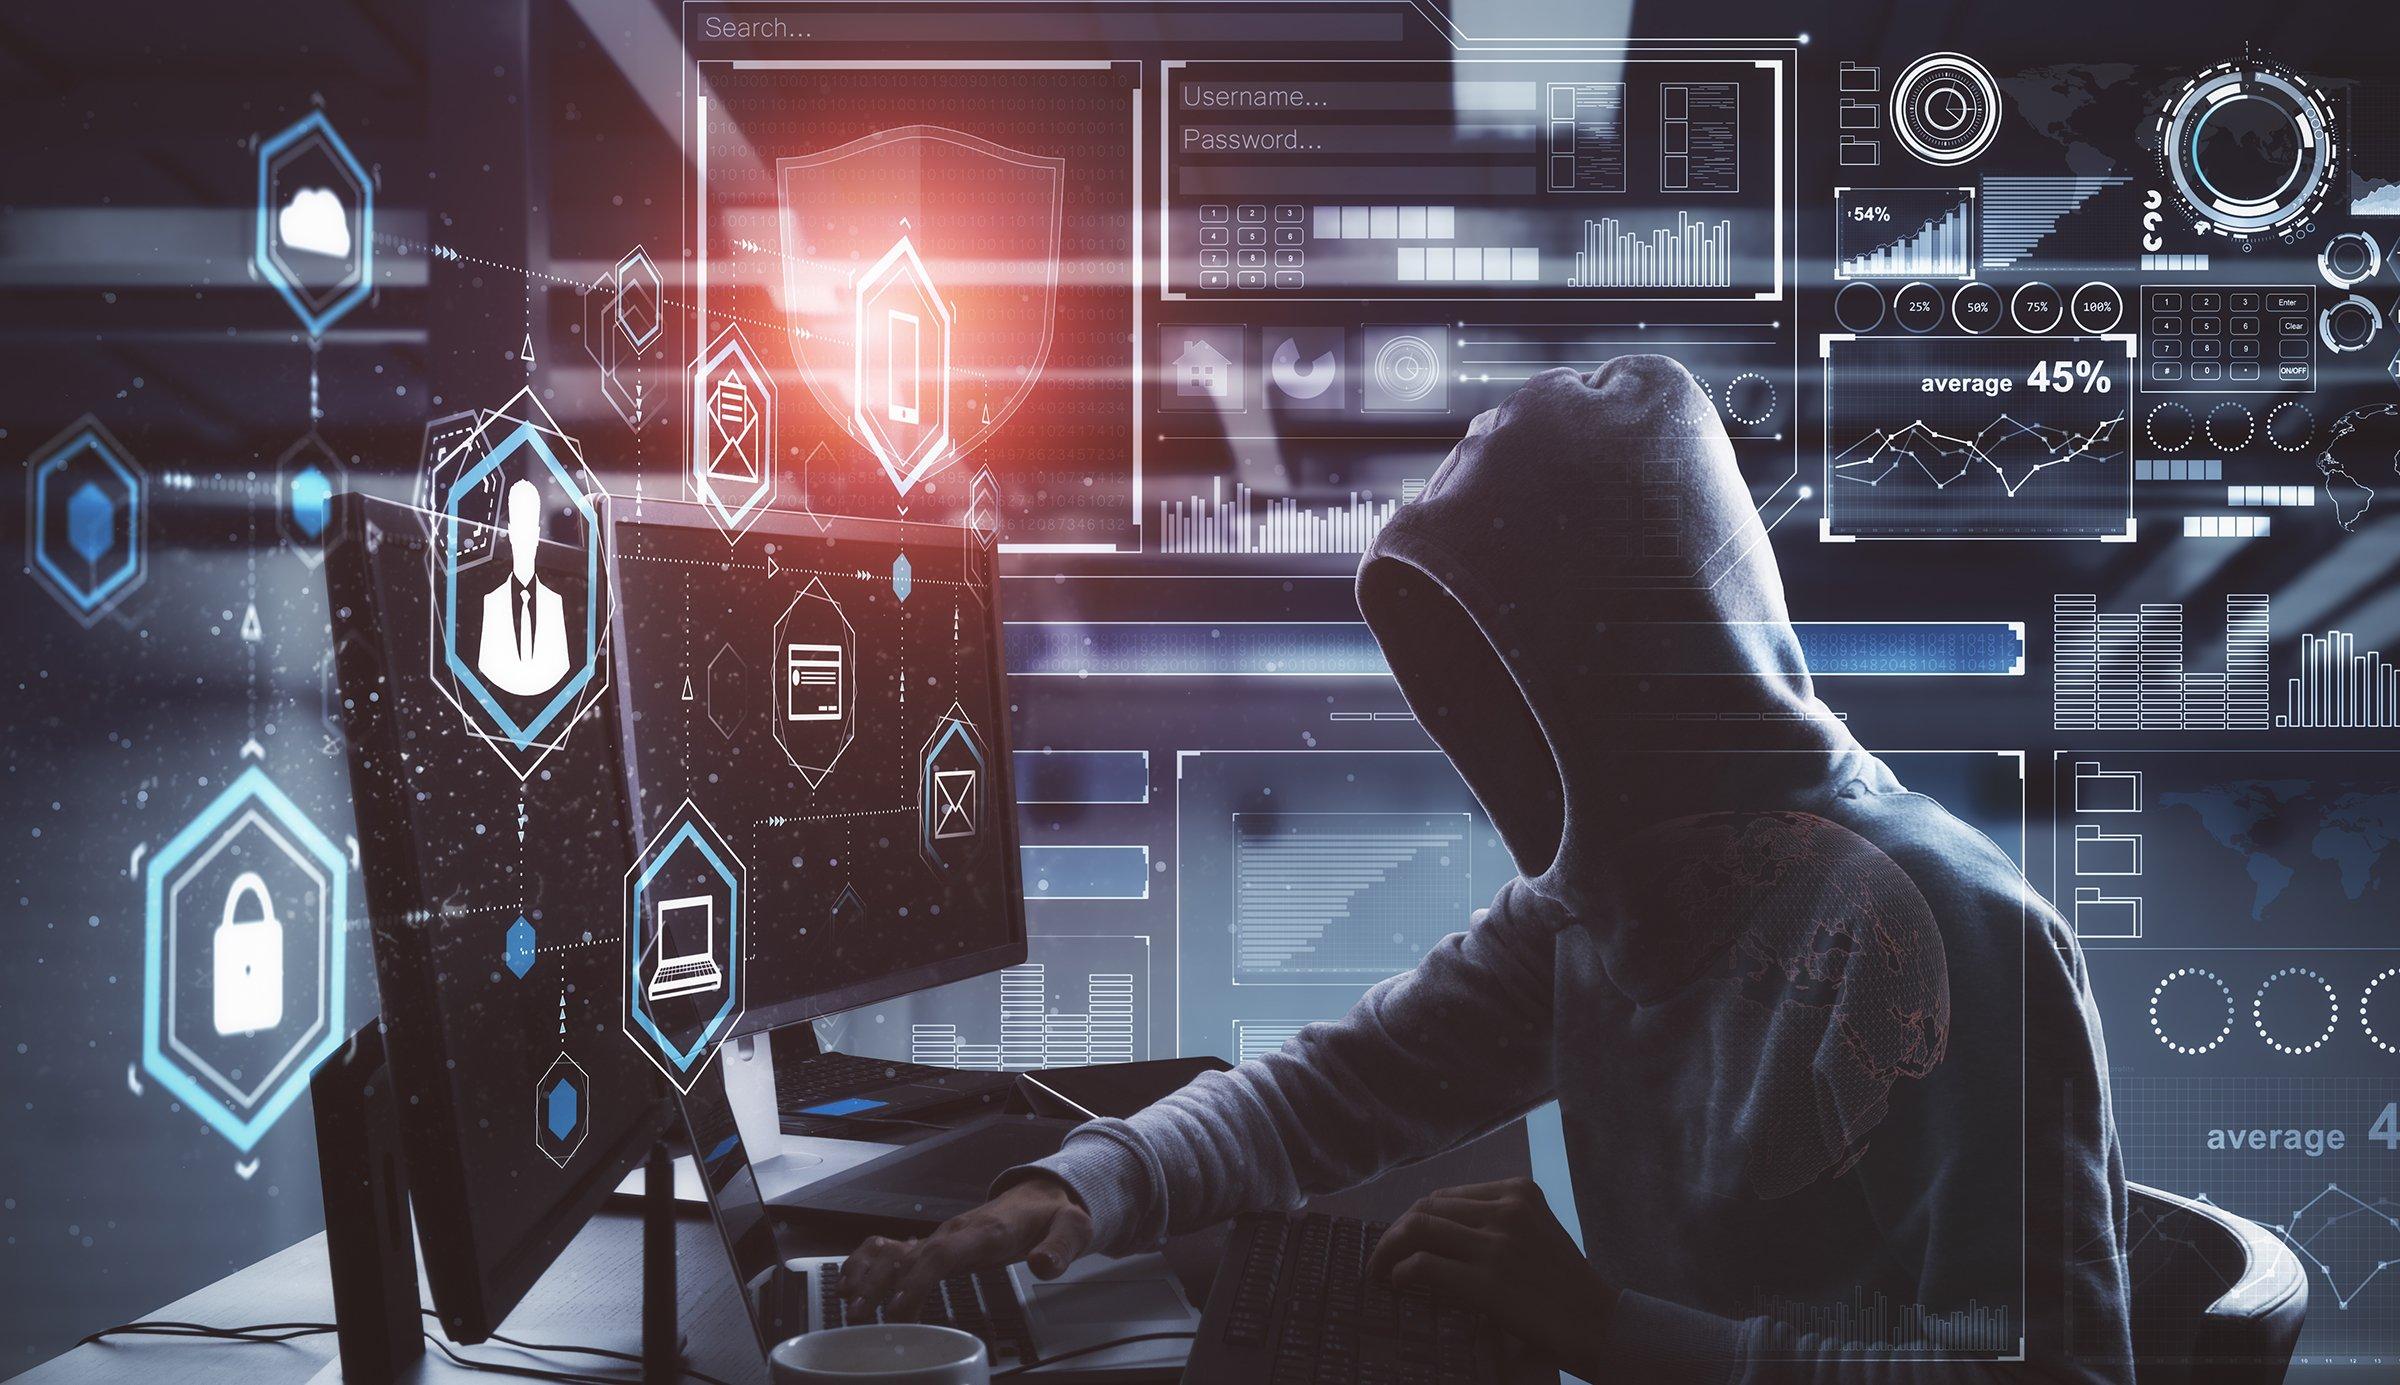 ataque hackeo